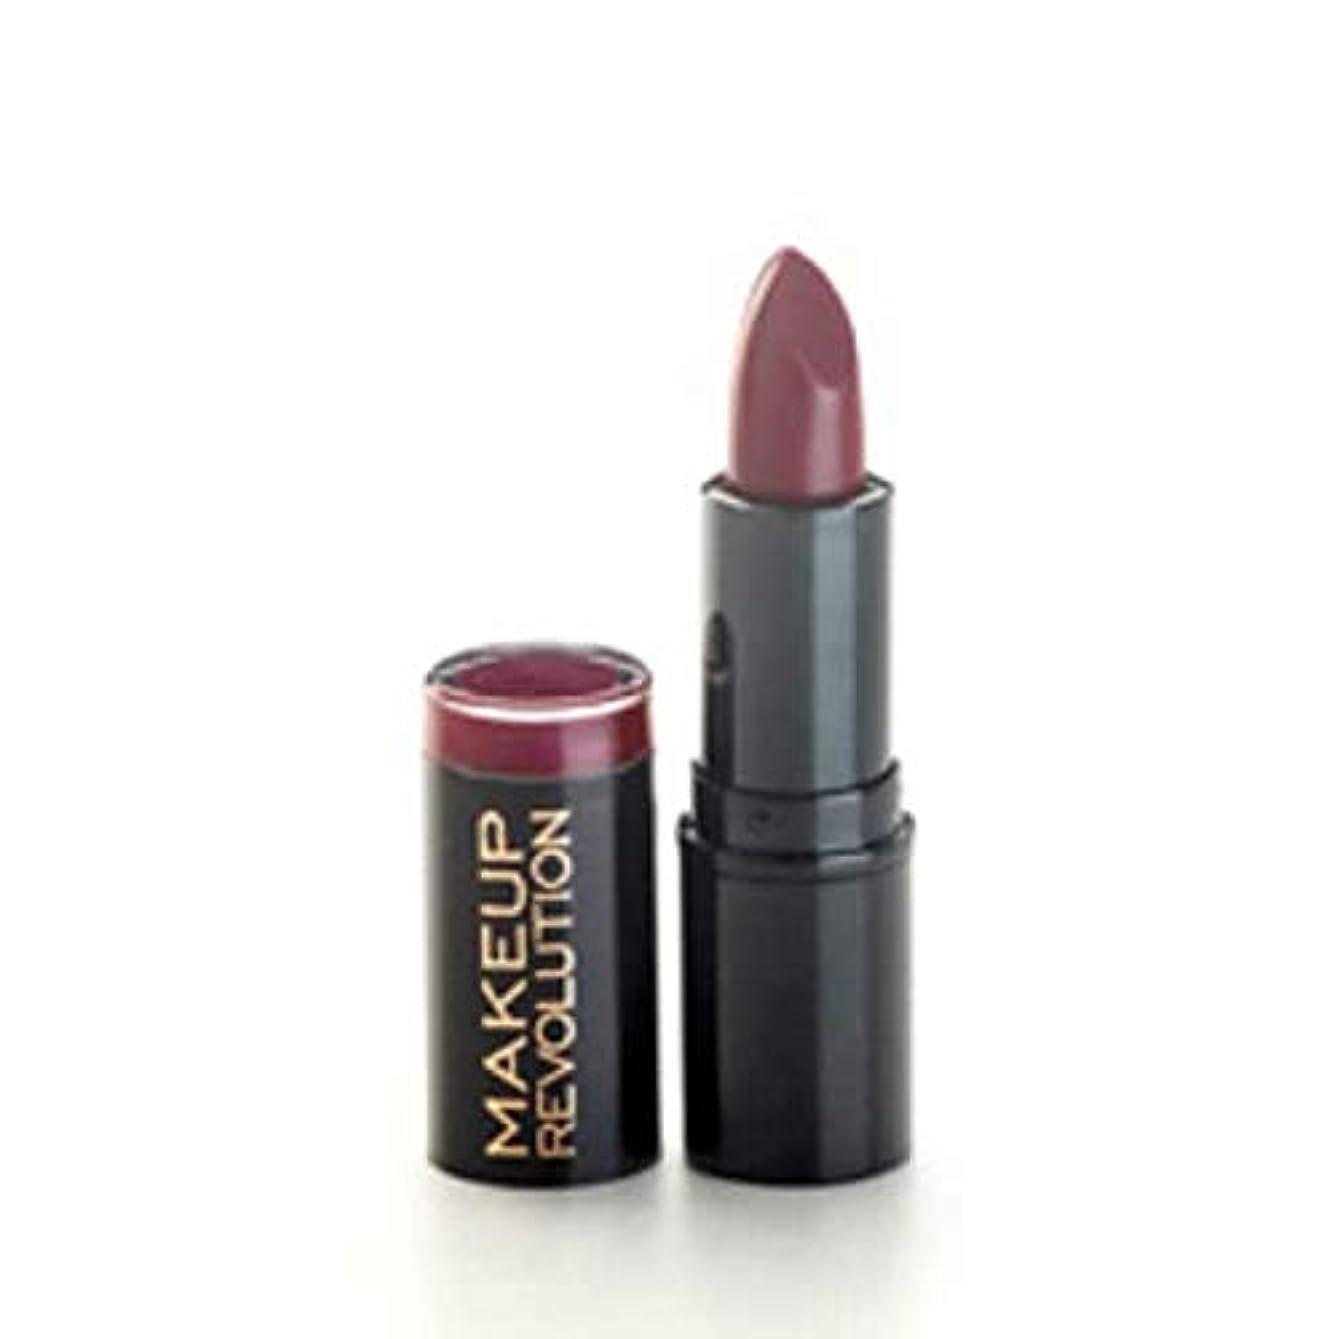 誘導東部変色する[Revolution ] 原因と革命Vampコレクションの口紅の反乱 - Revolution Vamp Collection Lipstick Rebel with Cause [並行輸入品]